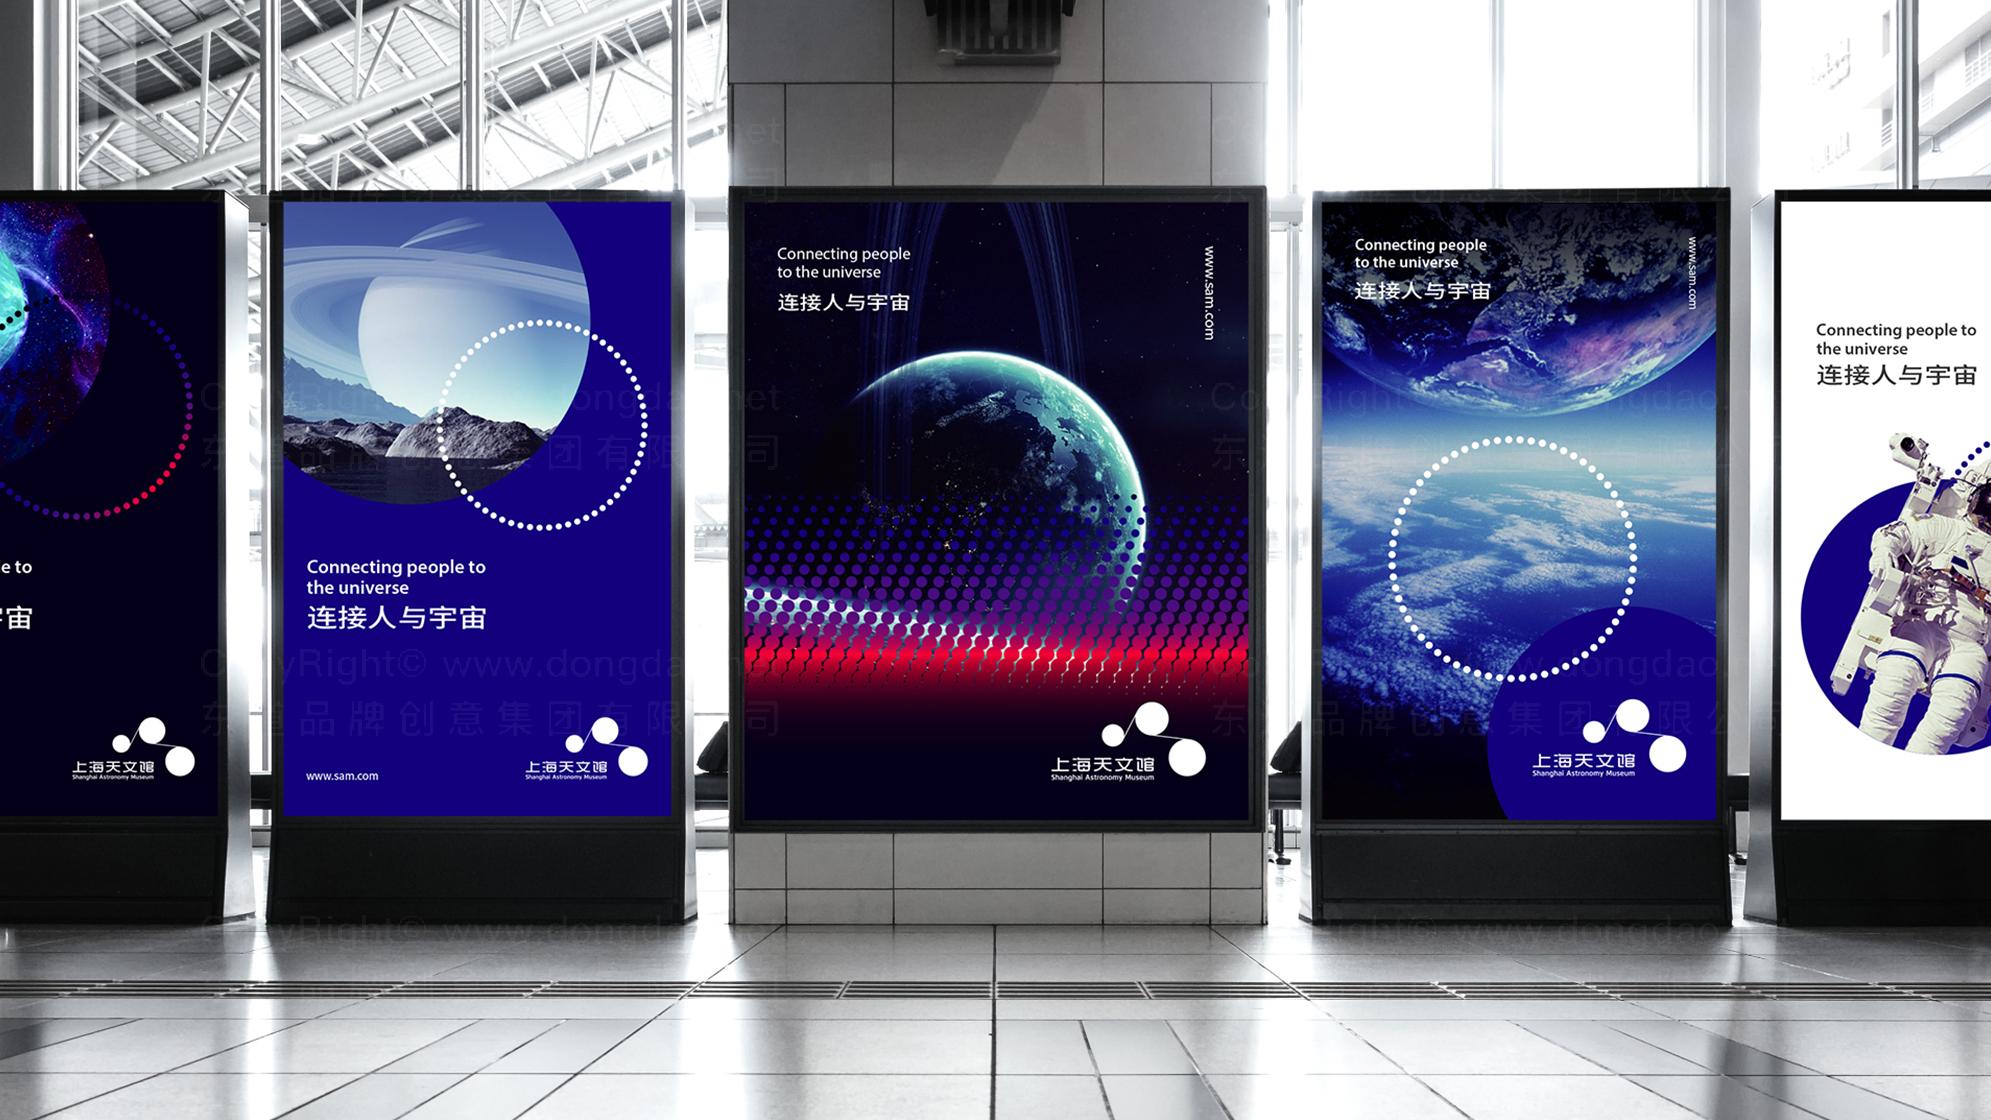 品牌设计上海天文馆LOGO&VI设计应用场景_3